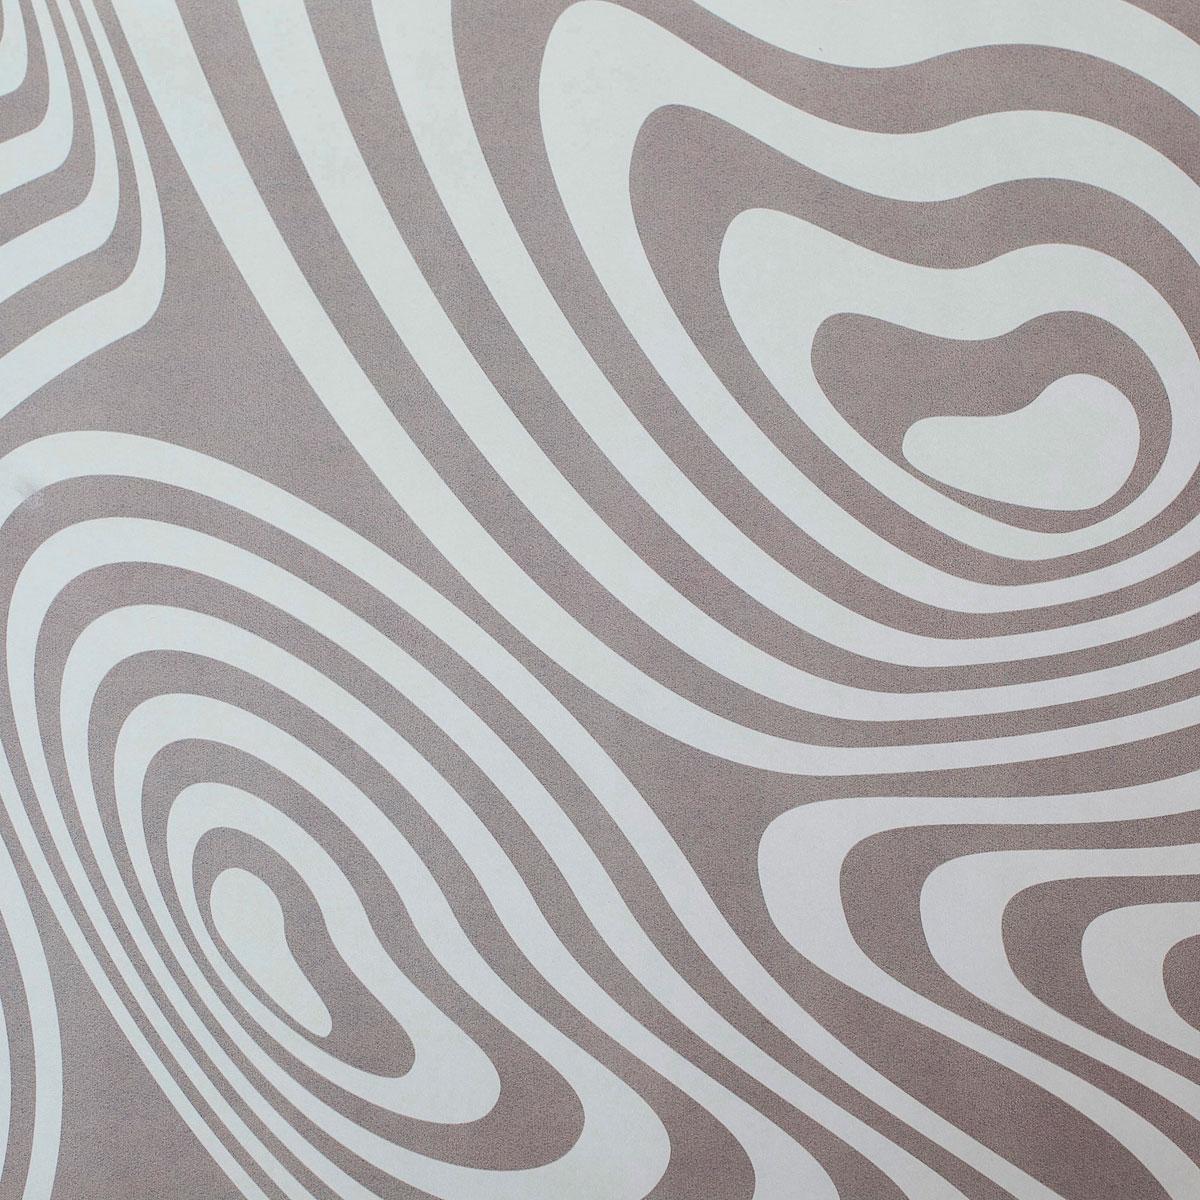 Оберточная бумага для цветов Волны